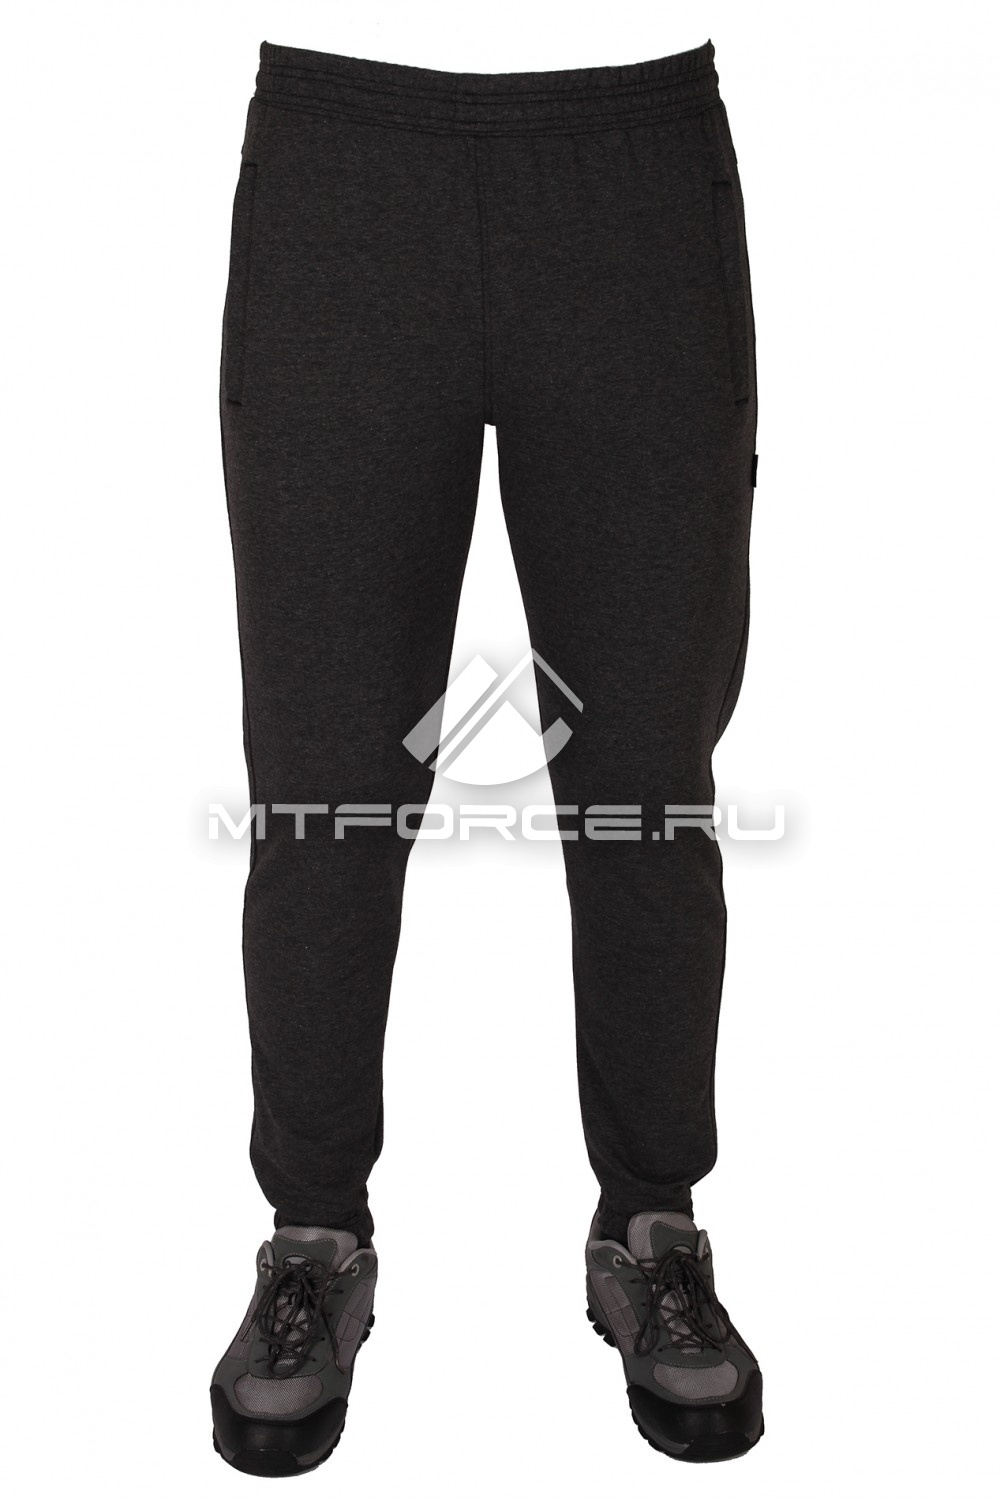 Купить                                  оптом Брюки трикотажные мужские темно-серого цвета 1097TC в Новосибирске